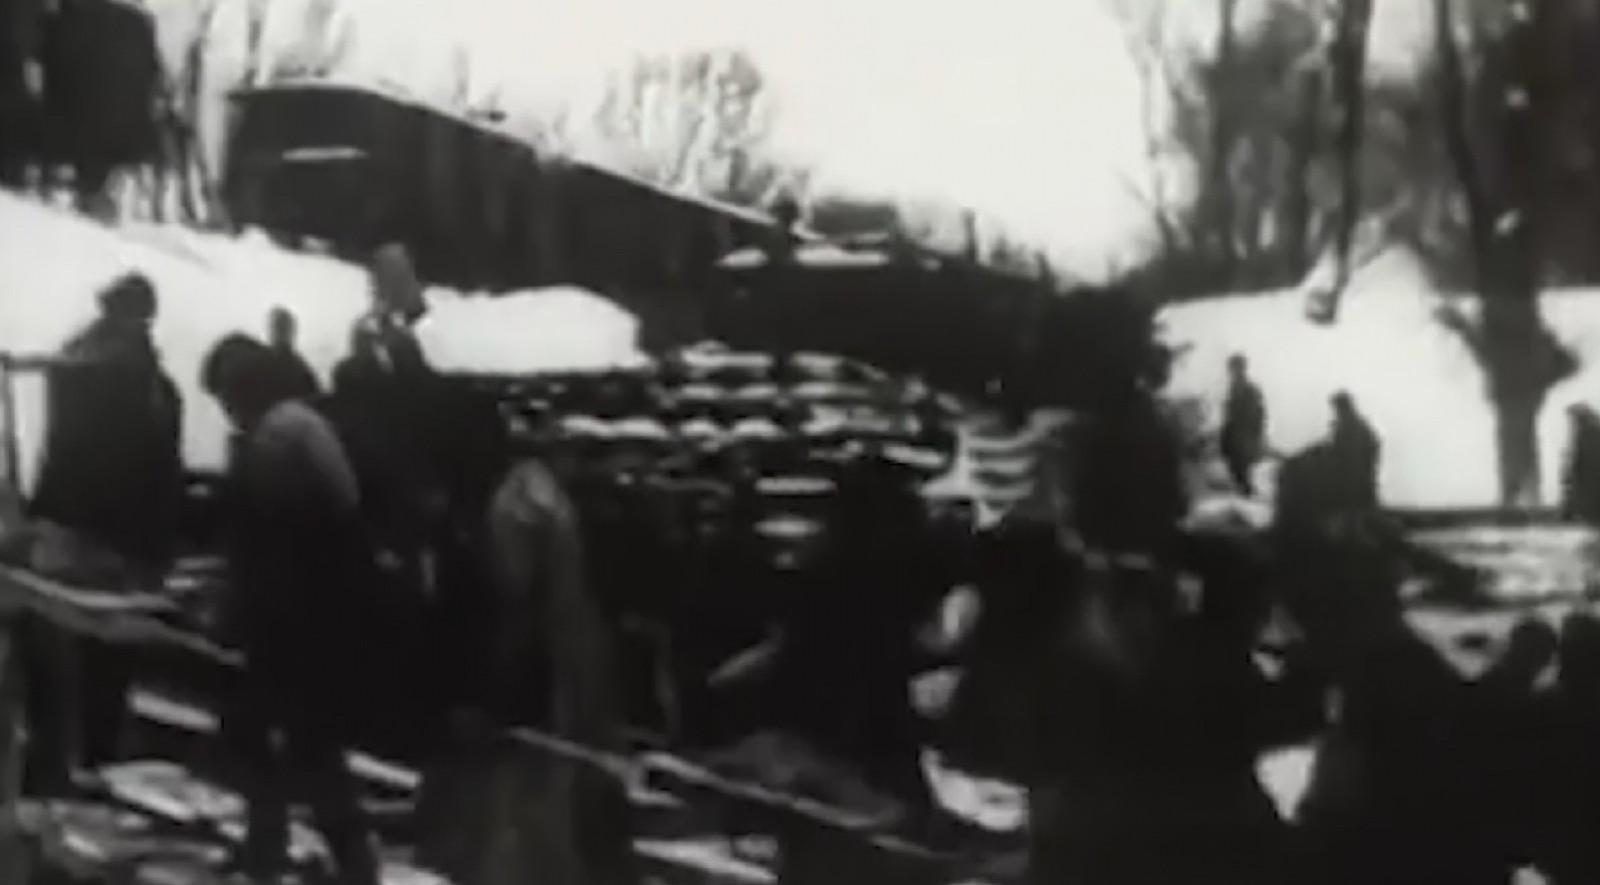 Сегодня - День памяти трудового подвига народов Калмыцкой АССР в годы Великой Отечественной войны